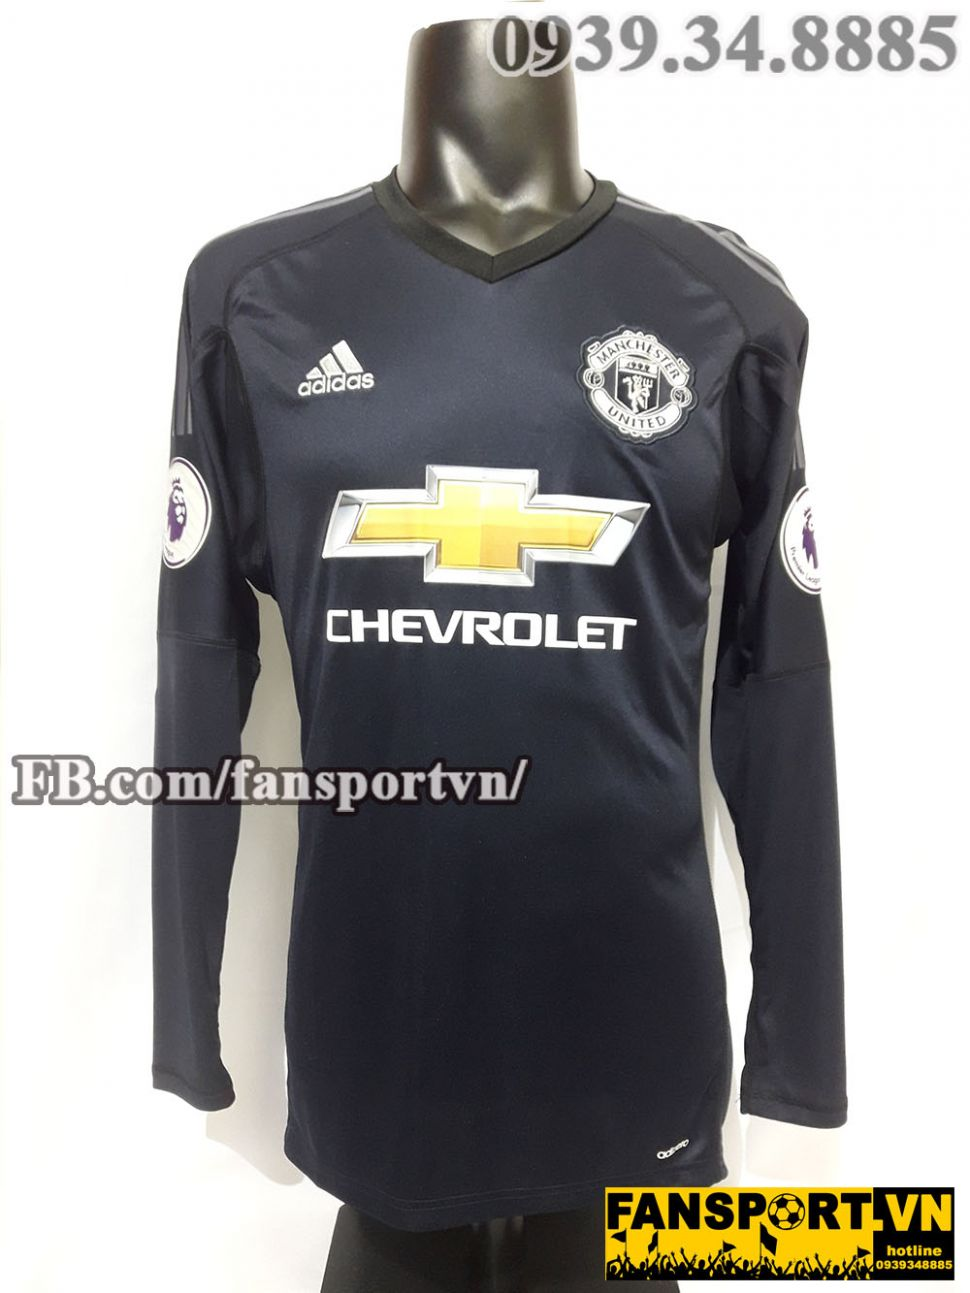 wholesale dealer 95ebc 4a3aa Áo De Gea #1 Manchester United 2017-2018 home jersey shirt ...